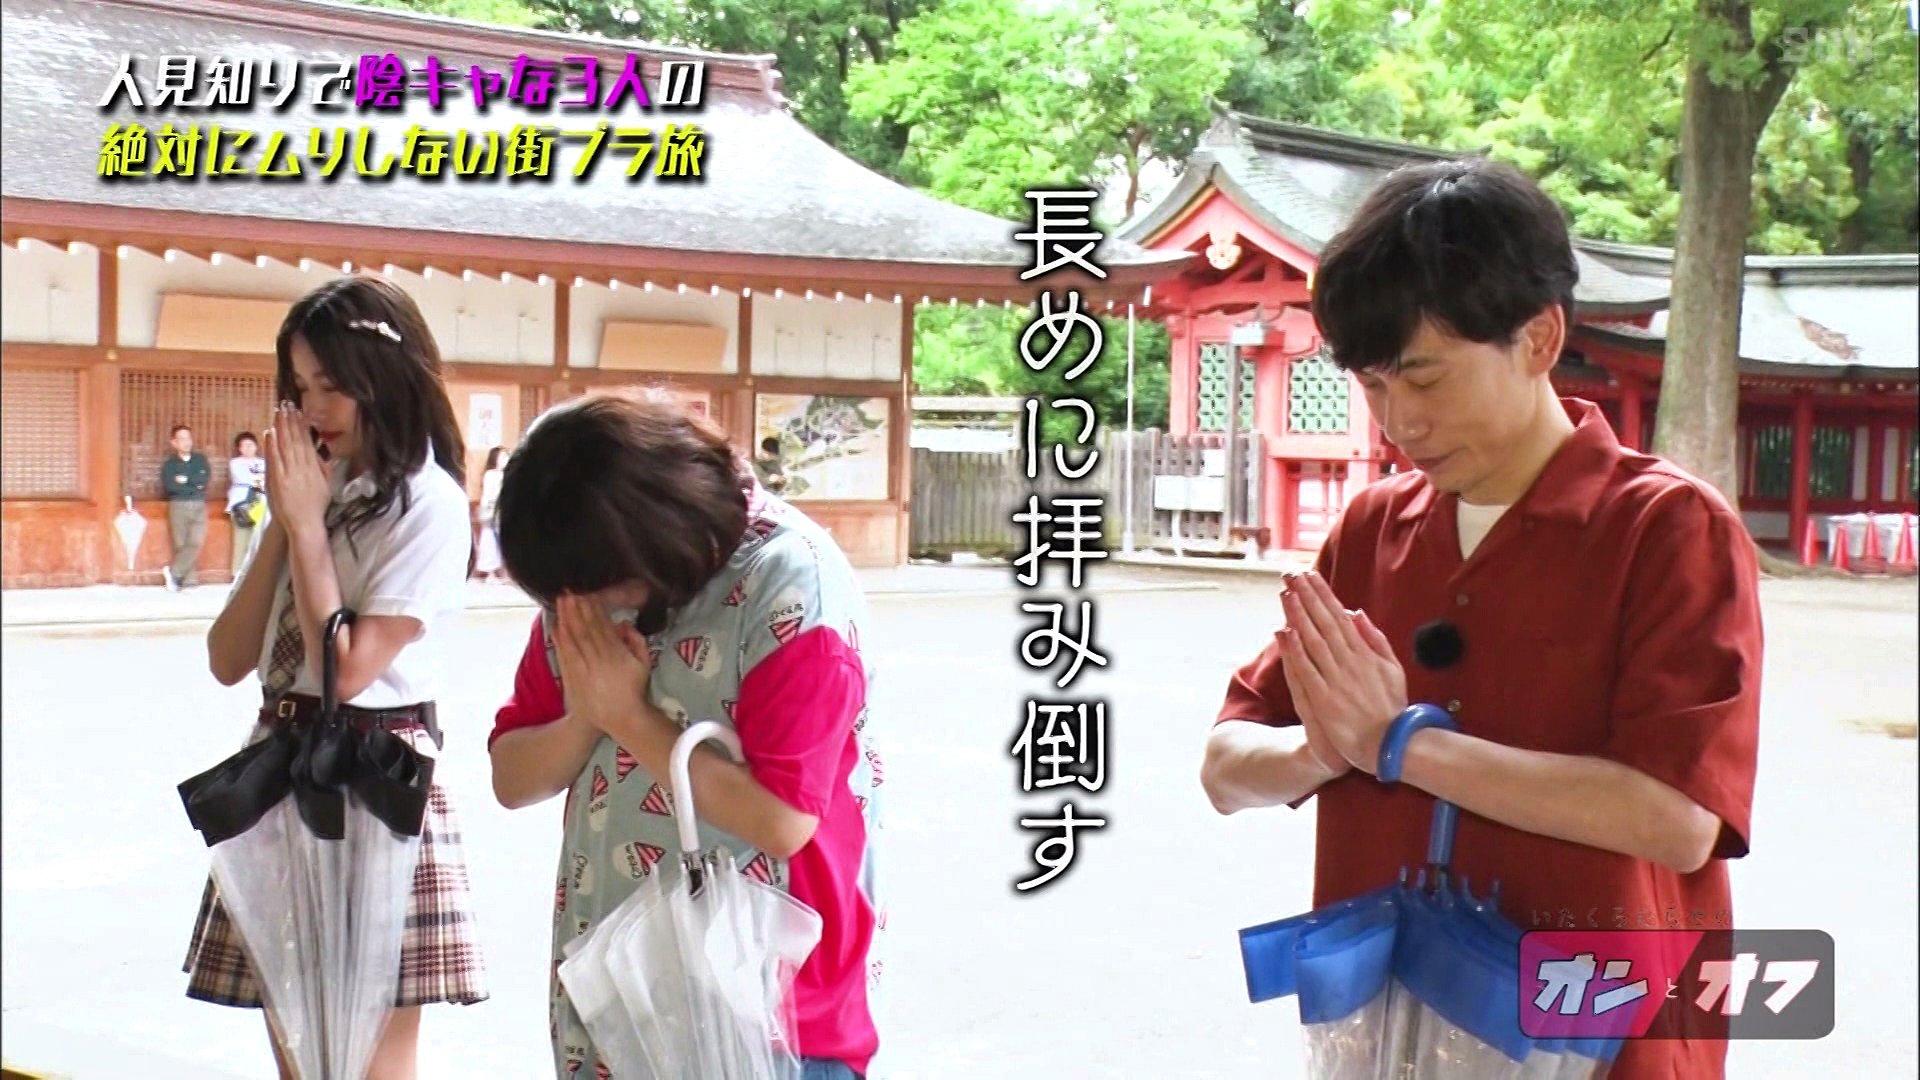 【村瀬紗英】10月15日にサンテレビで放送された「いたくろむらせのオンとオフ」の画像。